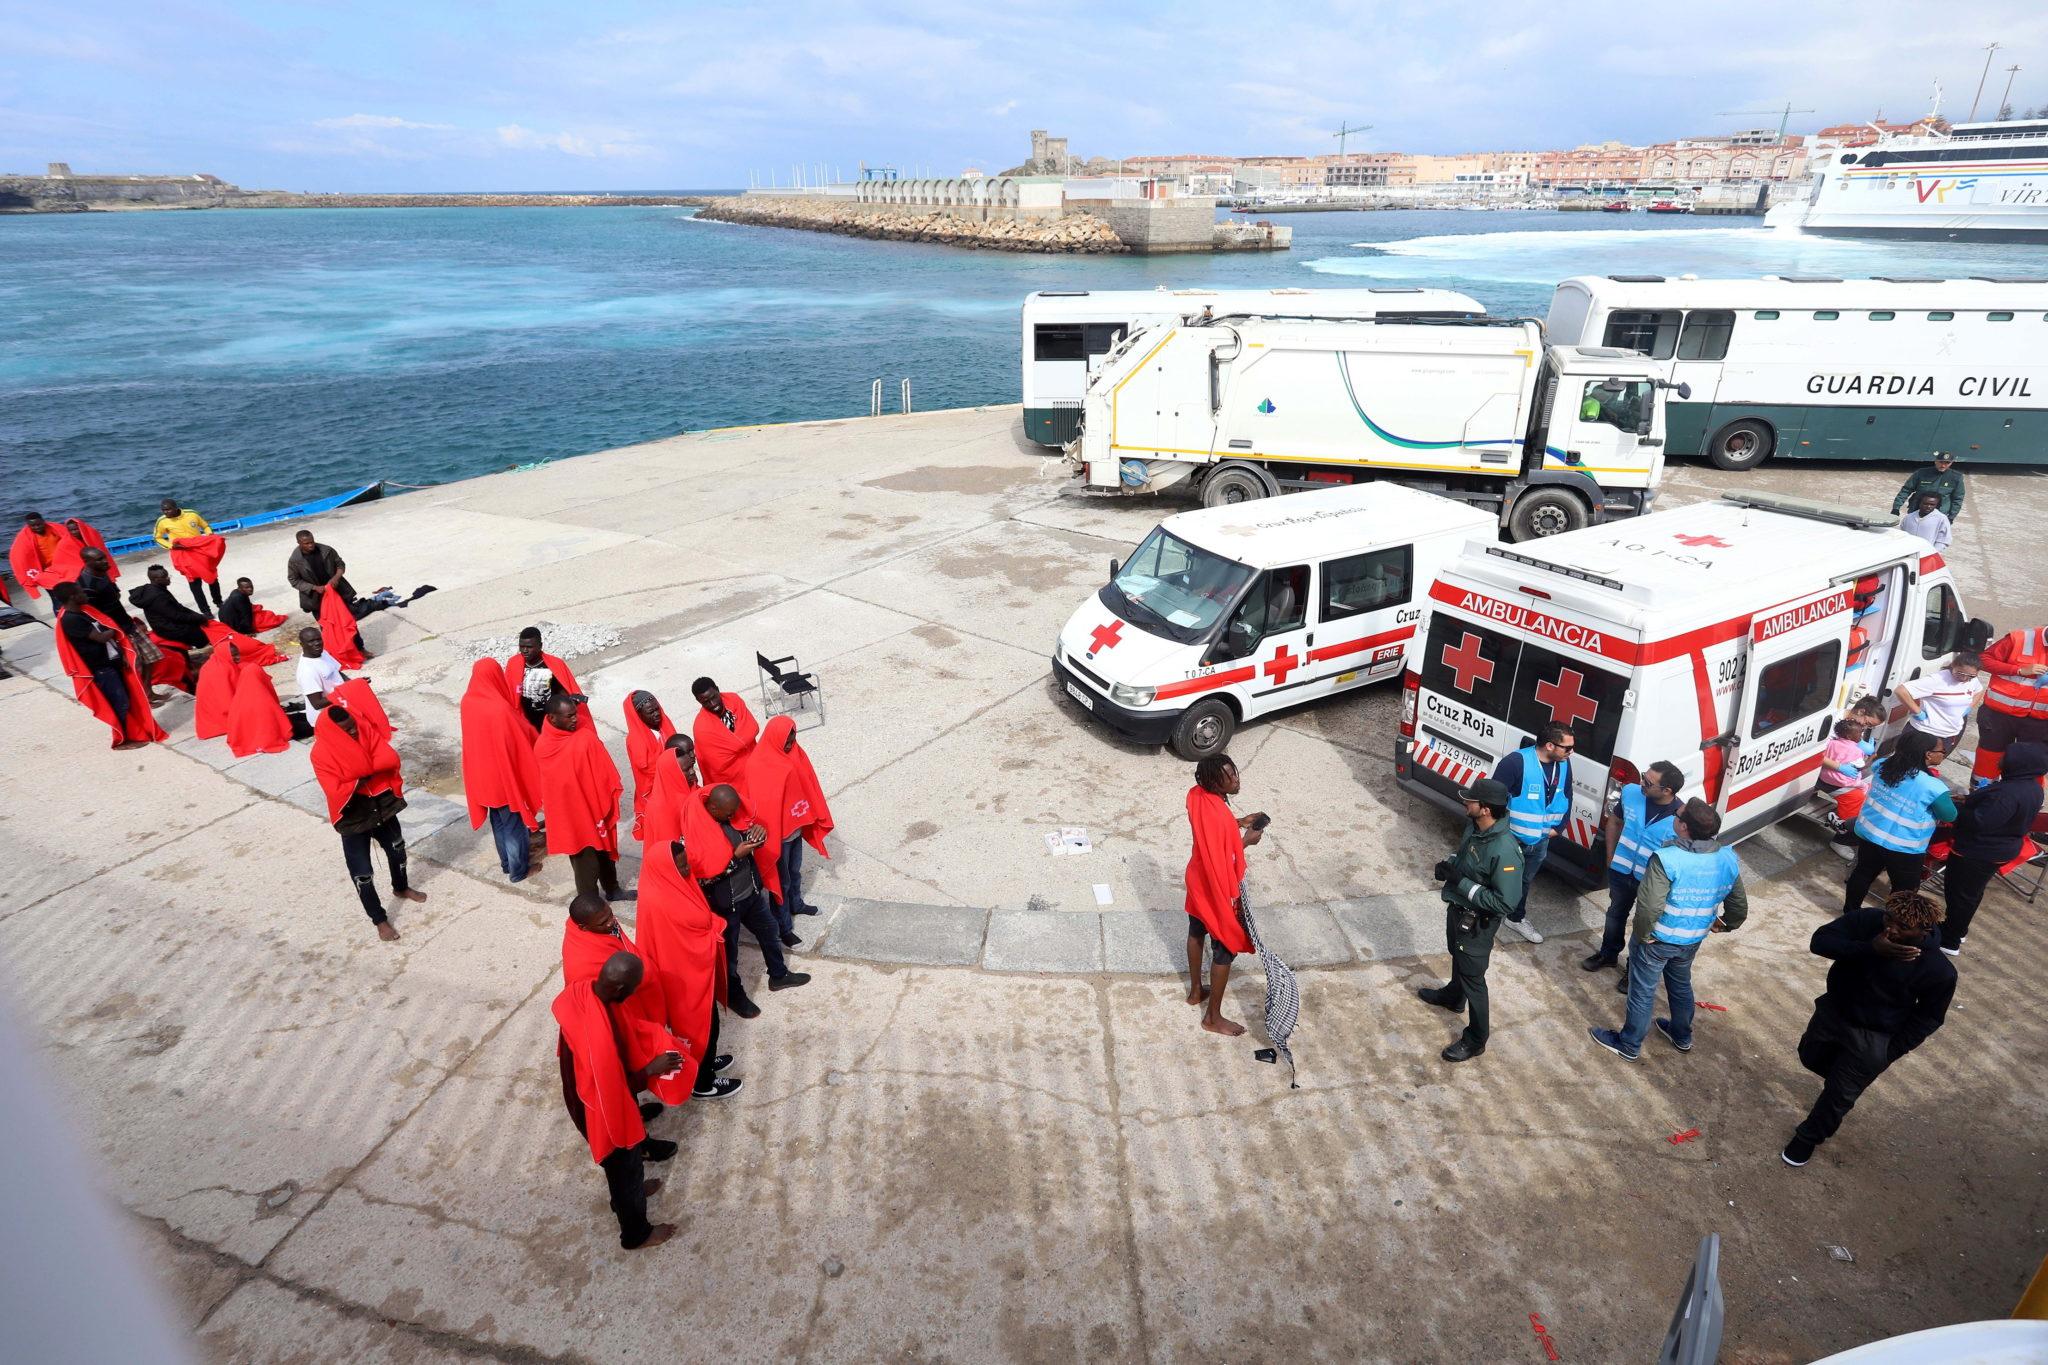 Część 70 migrantów z rejonu Sahary uratowanych w Cieśninie Gibraltarskiej, dzięki hiszpańskim służbom ratownictwa morskiego, fot: Carrasco Ragel, PAP/EPA